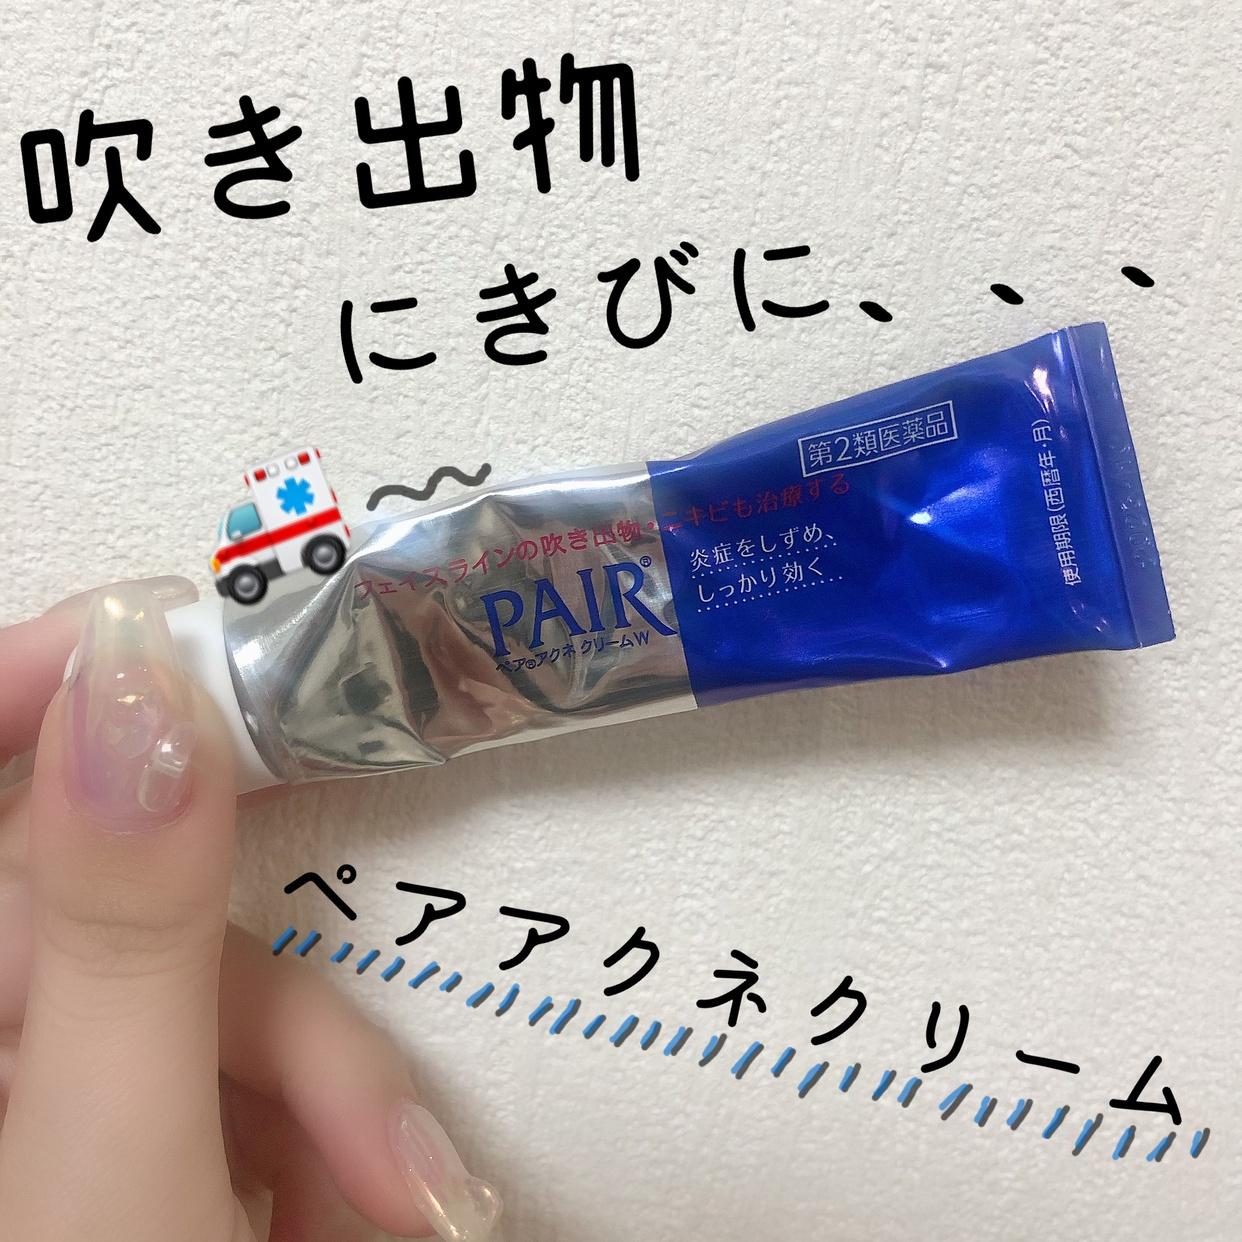 PAIR(ペア)ペアアクネクリームW【第2類医薬品】PAIRを使ったぴょんさんのクチコミ画像1